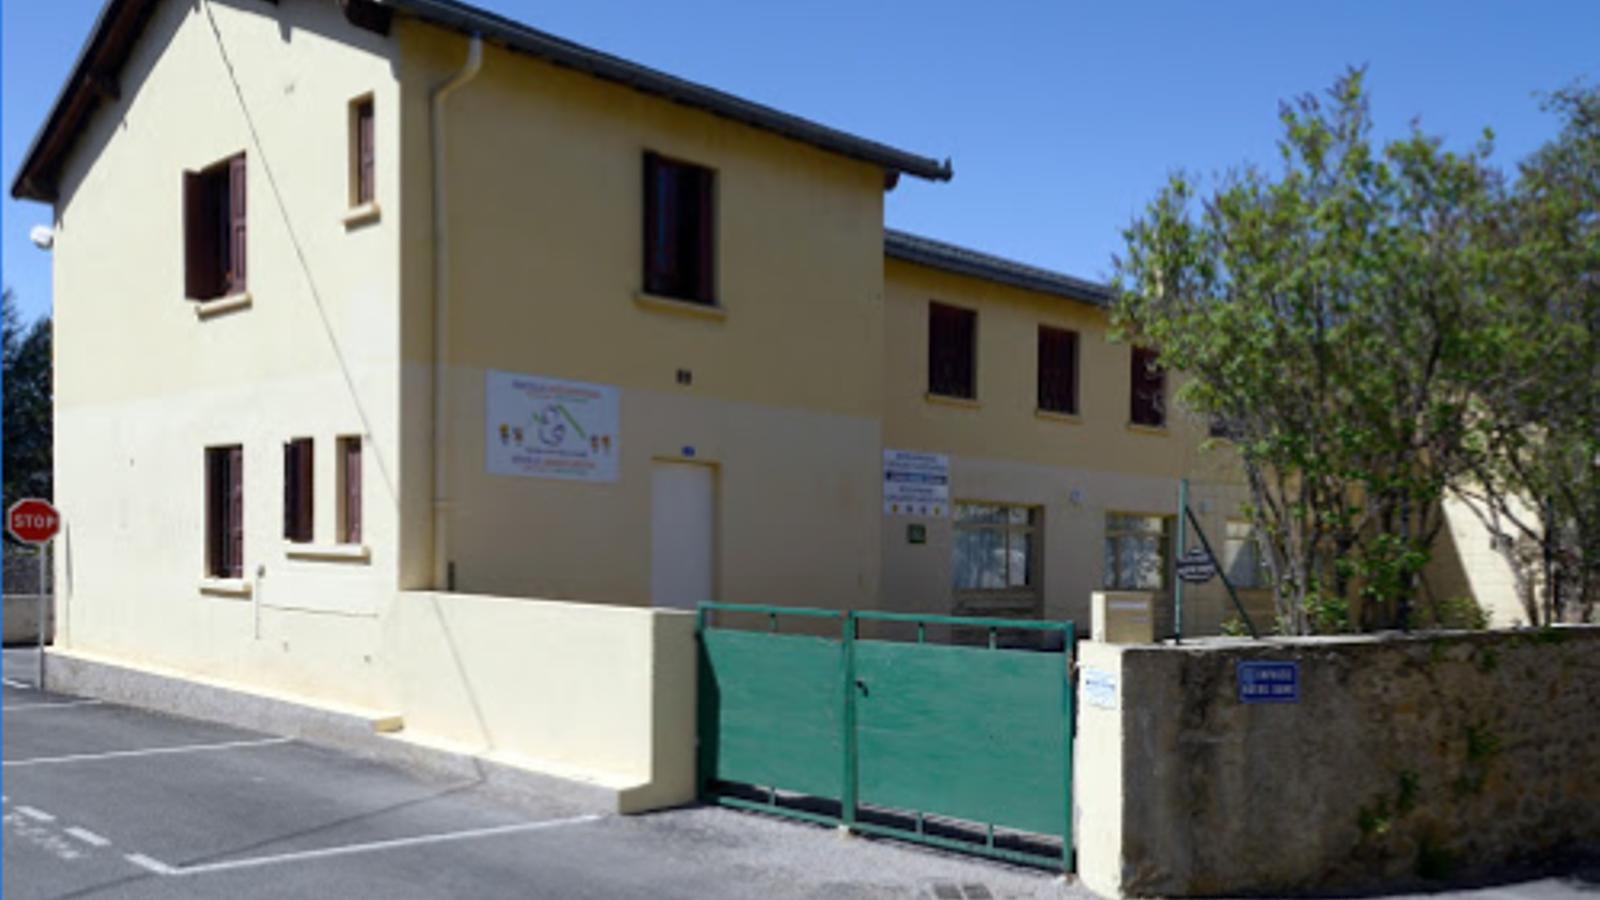 L'escola Jordi Pere Cerdà, tancada. / MESTRES JORDI PERE CERDÀ